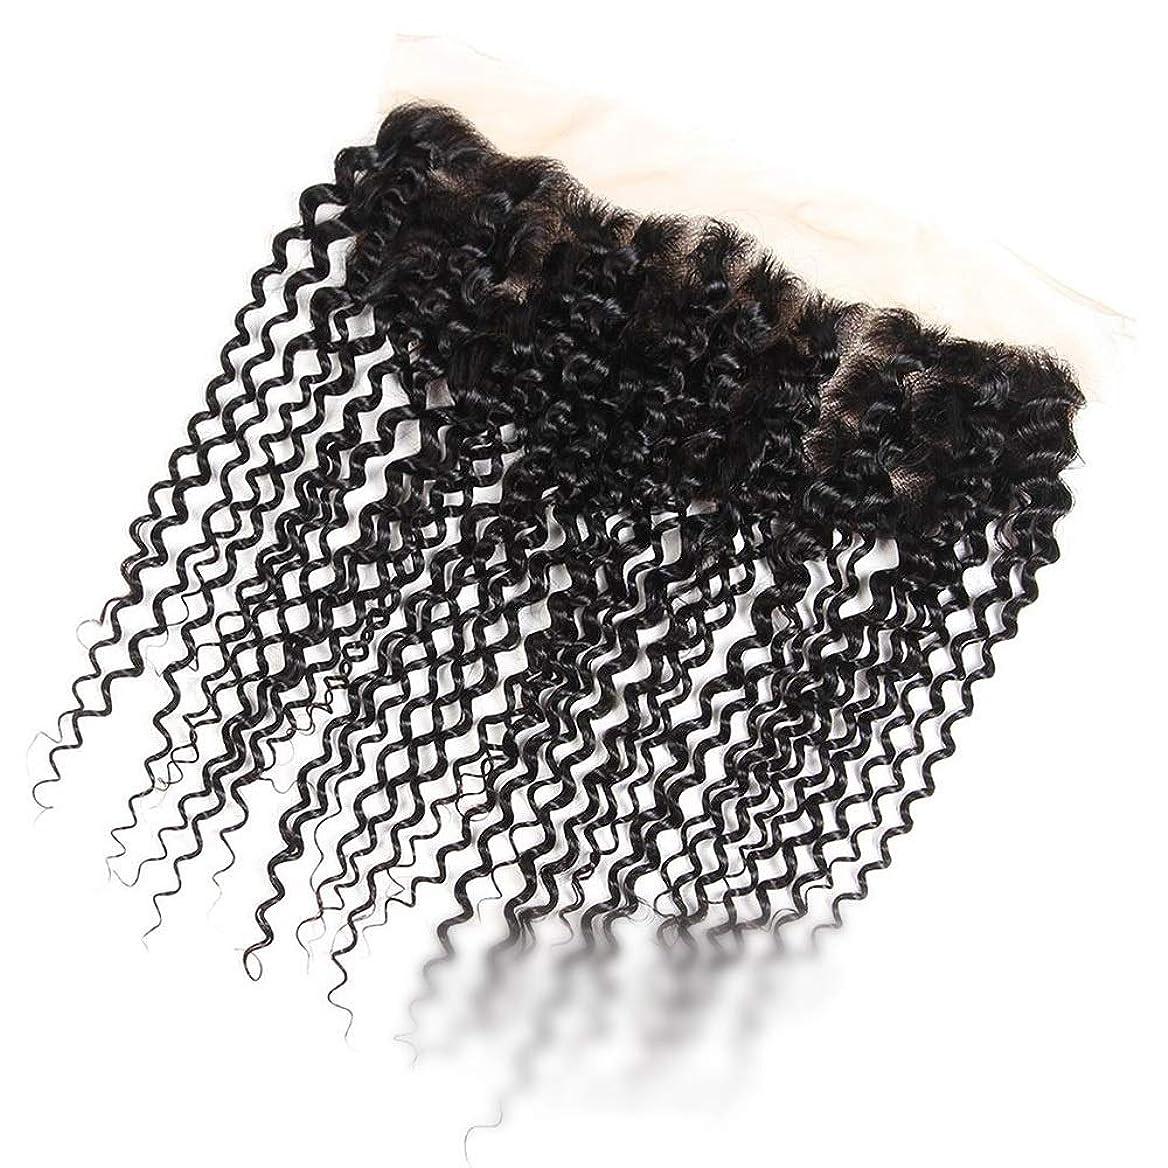 りメダルみすぼらしいBOBIDYEE ブラジルのジェリーカーリーウェーブ人間の髪の毛の自由な部分13×4インチレース前頭閉鎖ナチュラルカラーショートウィッグショートカーリーウィッグ (色 : 黒, サイズ : 8 inch)